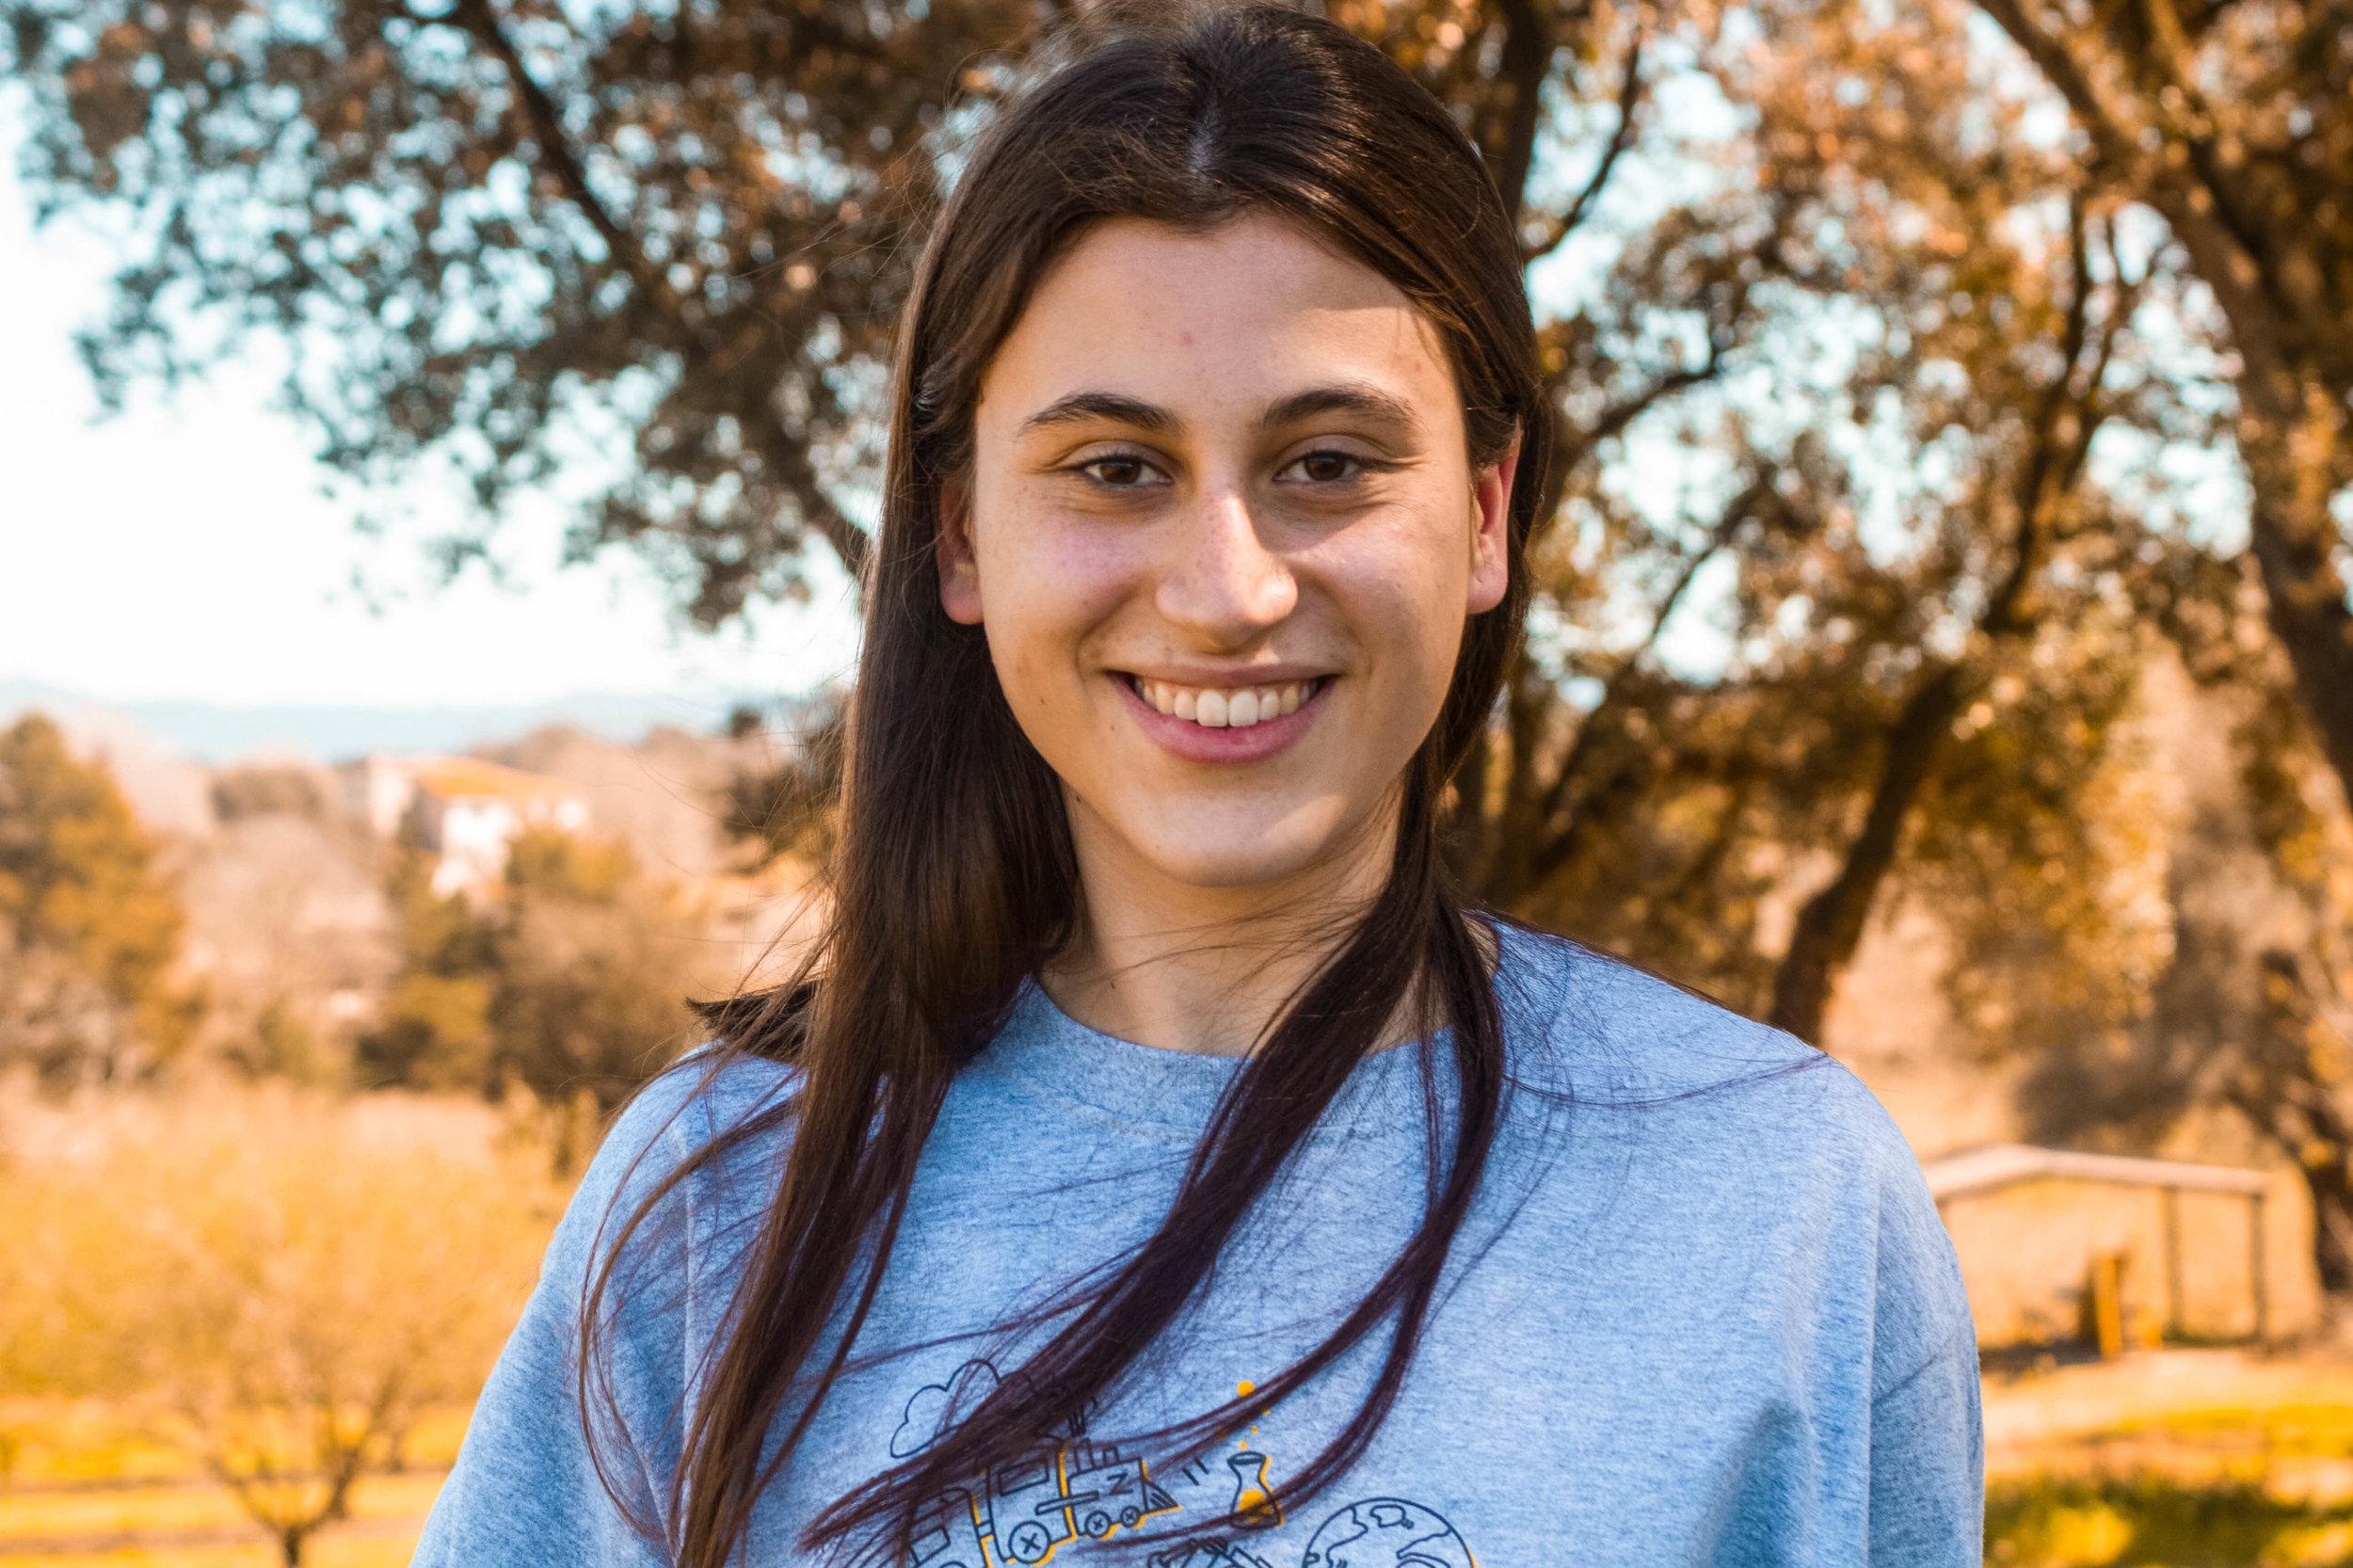 Olga Corredoira